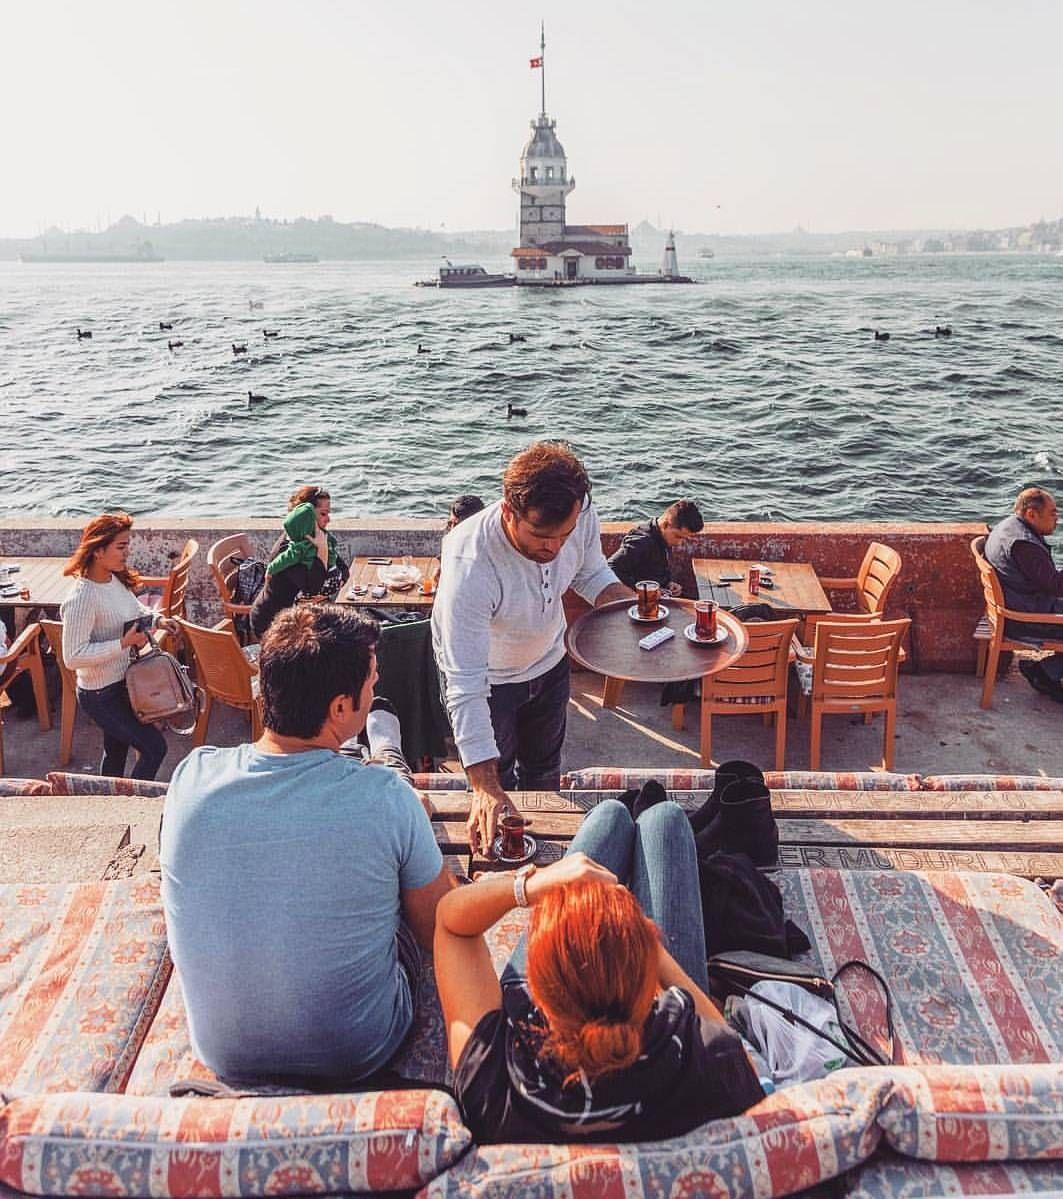 من اجمل الجلسات وابسطها تلك المقابلة لبرج البنت بالجانب الآسيوي من اسطنبول حيث يمكنكم الجلوس والتمتع بمشاهدة البسفور وب Turkey Travel Dream Vacations Istanbul